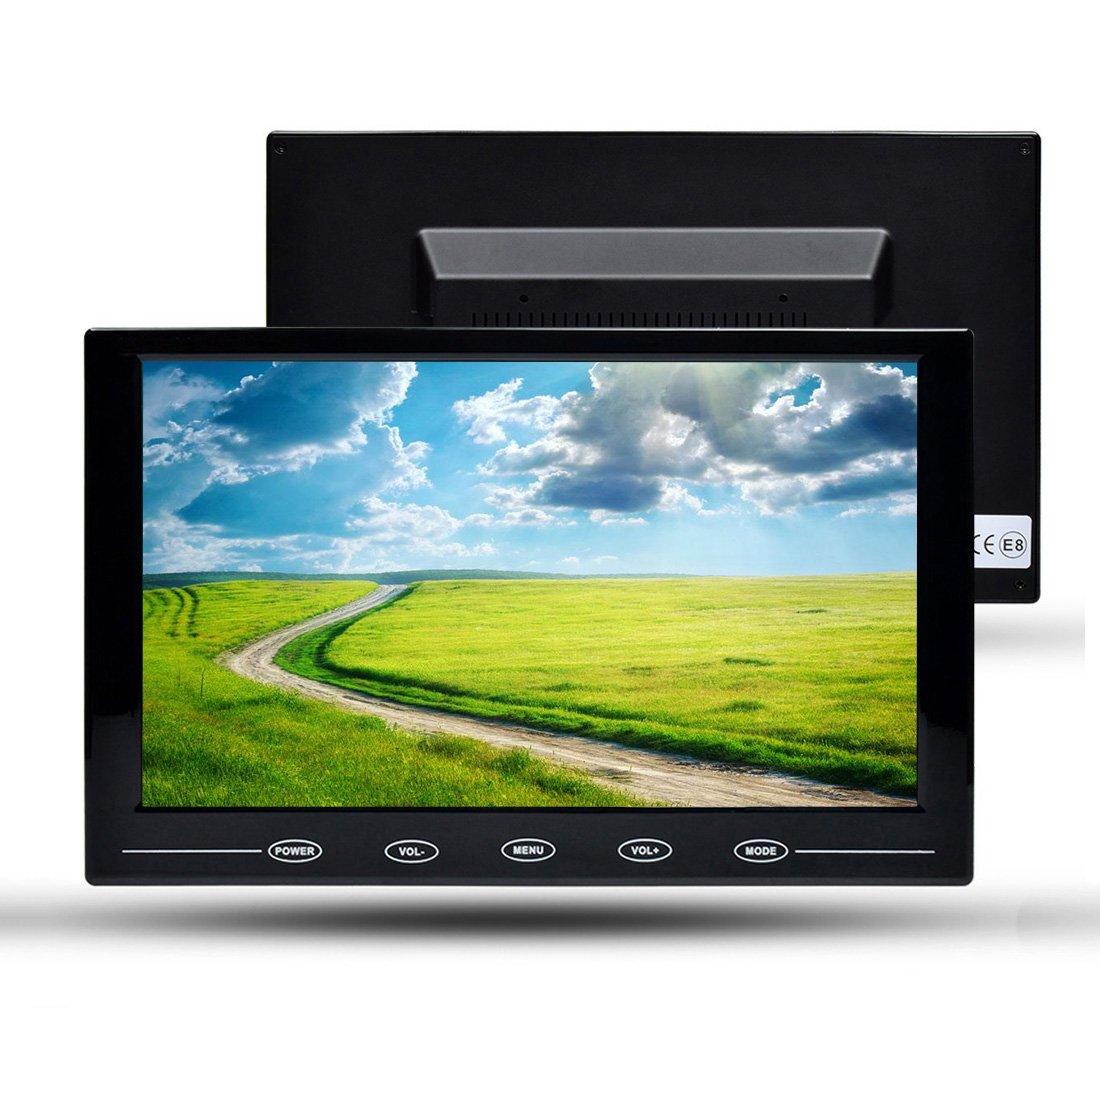 Écran 10.1 Pouces TOGUARD Moniteur Avec Écran Tactile LED en Couleur, Affichage de Moniteur 1280*800 Écran de Surveillance, Inclut Sortie VGA/AV/BNC/HDMI/USB et Haut-Parleur Intégré WR952